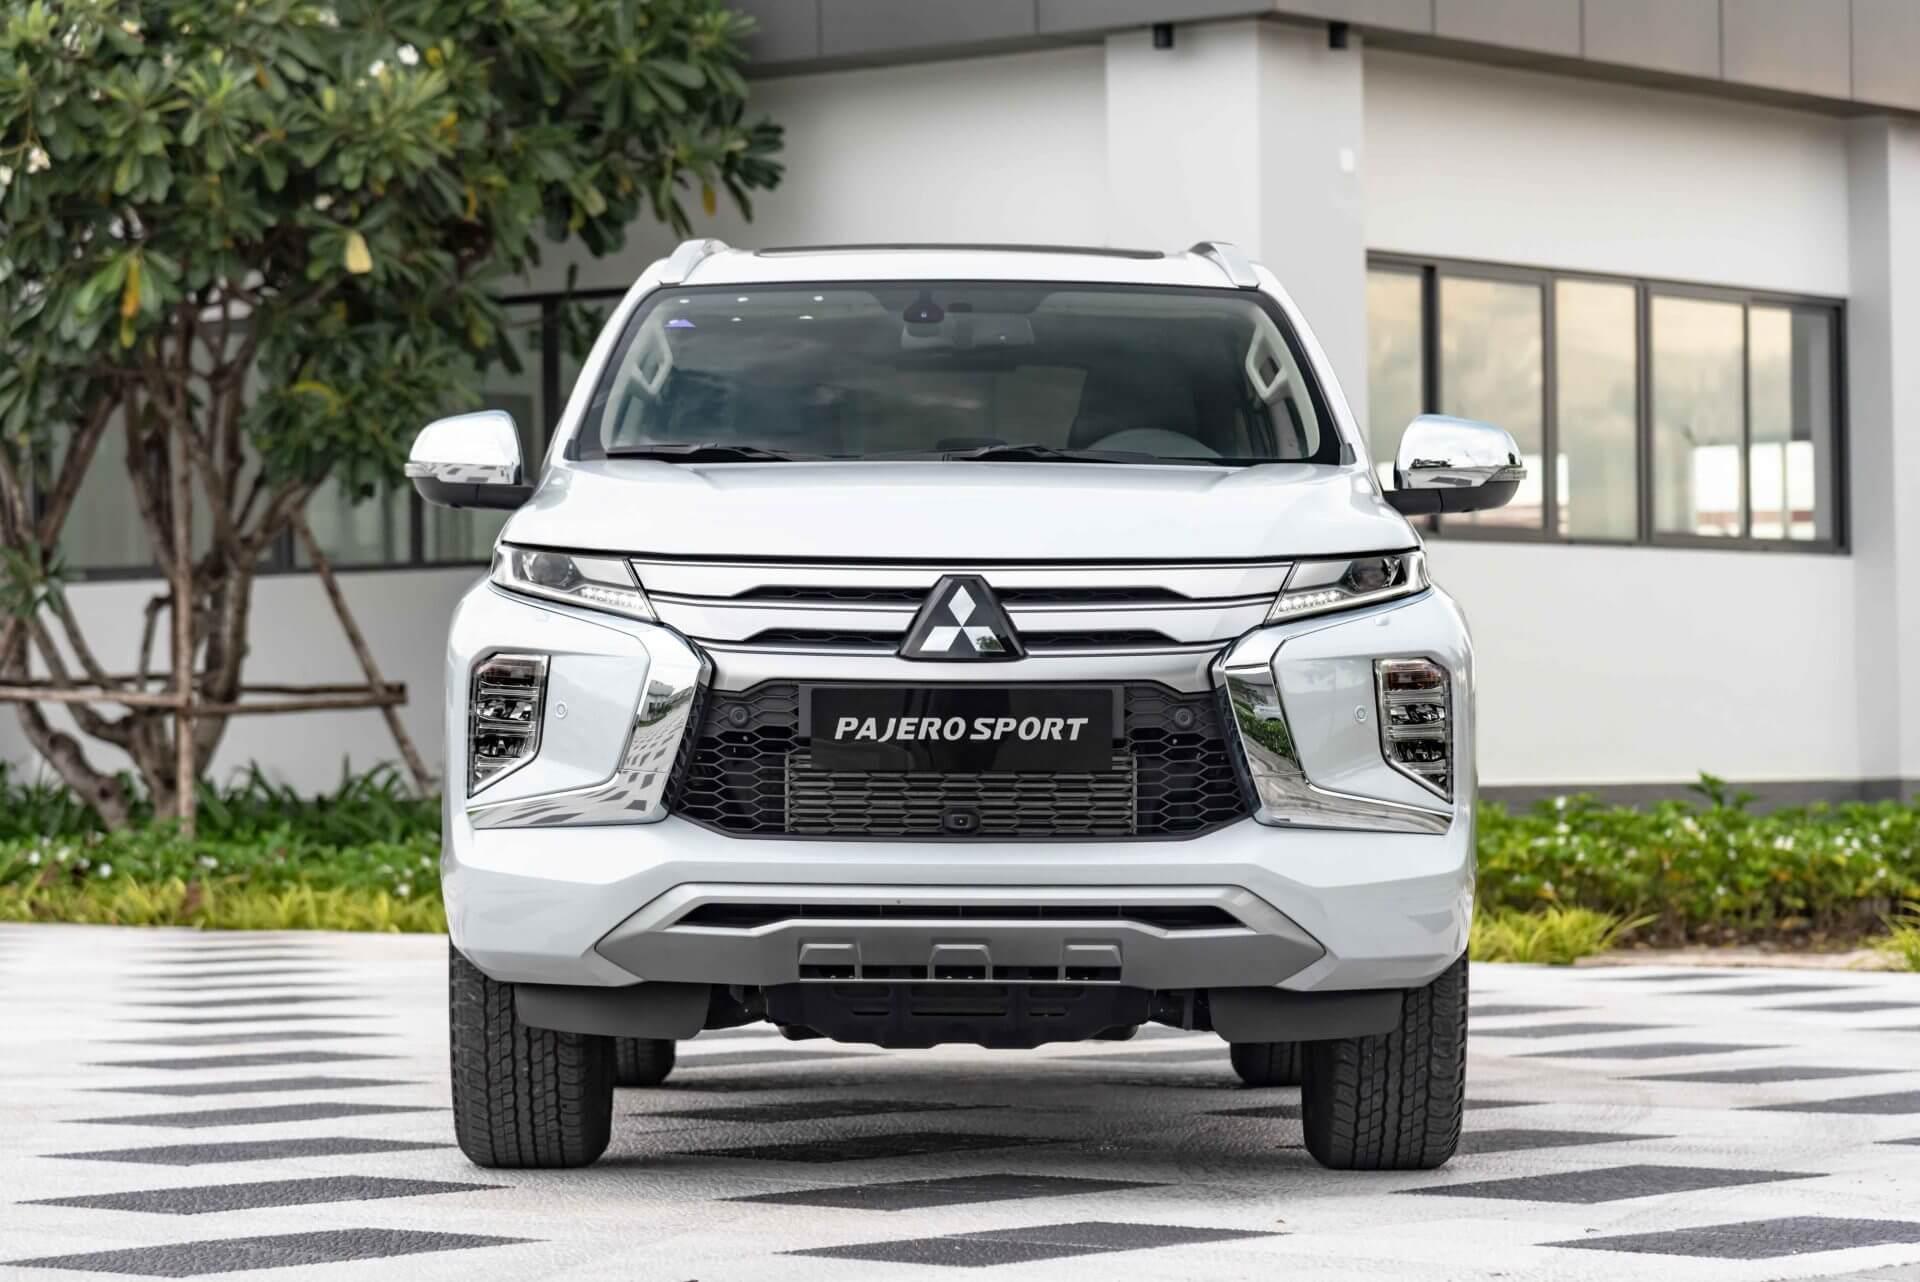 Mitsubishi pajero sport 2021 mới vận hành mạnh mẽ an toàn cao cấp tiện ích thông minh - 3